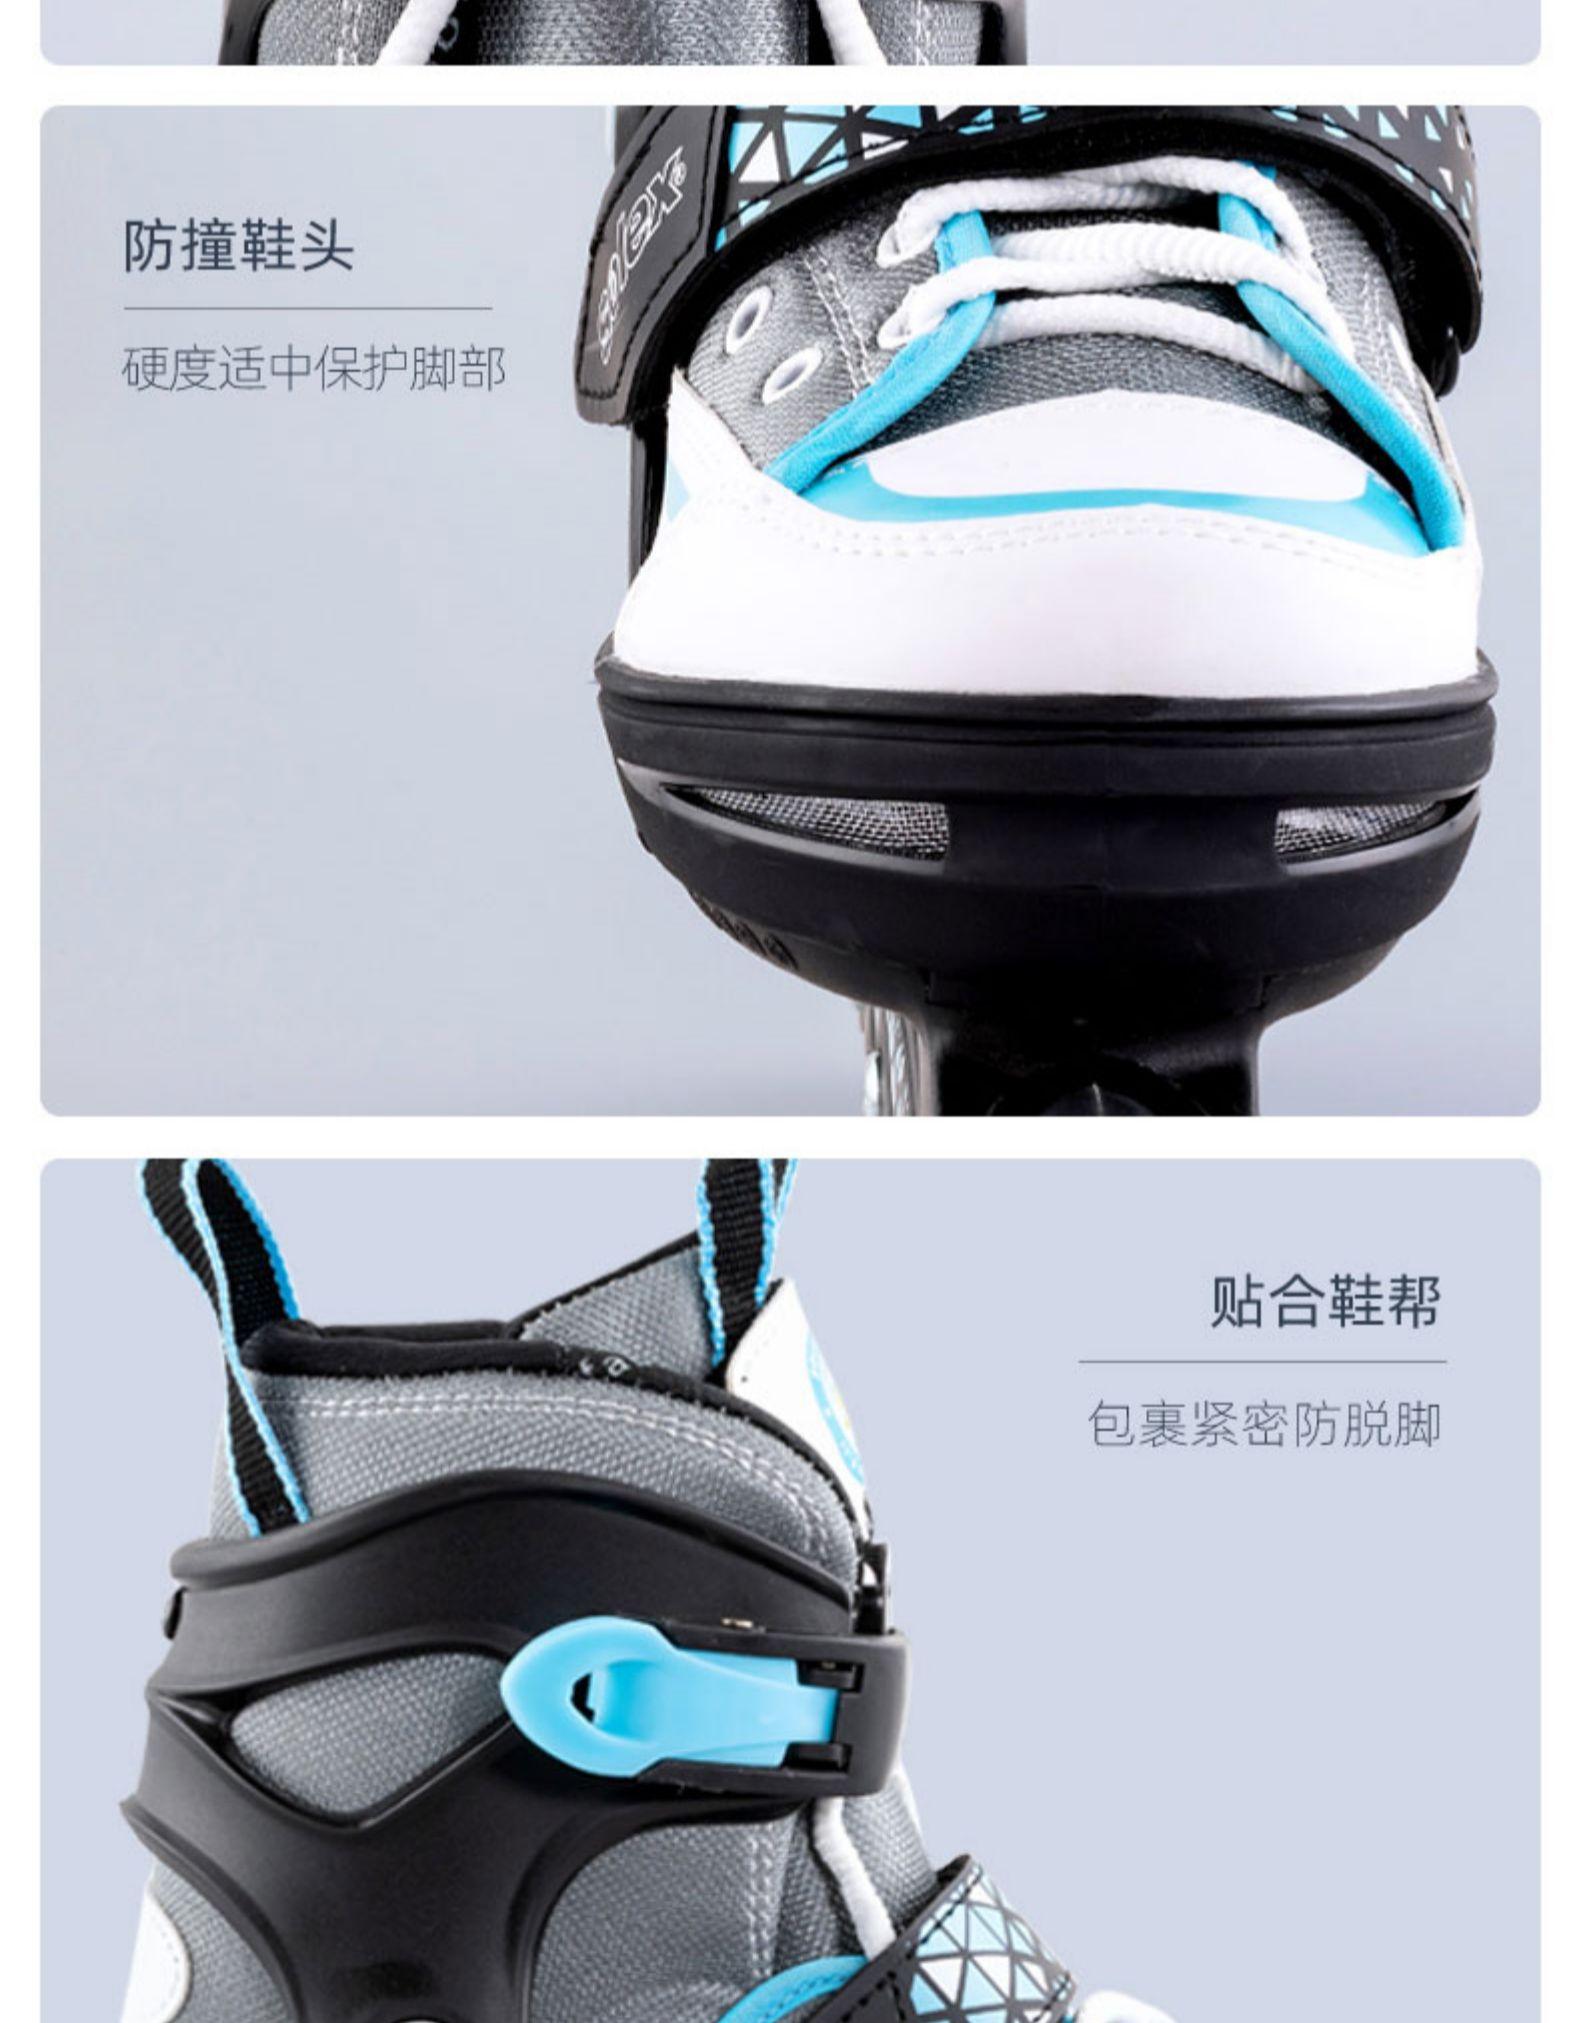 欧标GS认证 Solex 儿童初学 直排轮滑鞋 长宽双向调节 图23